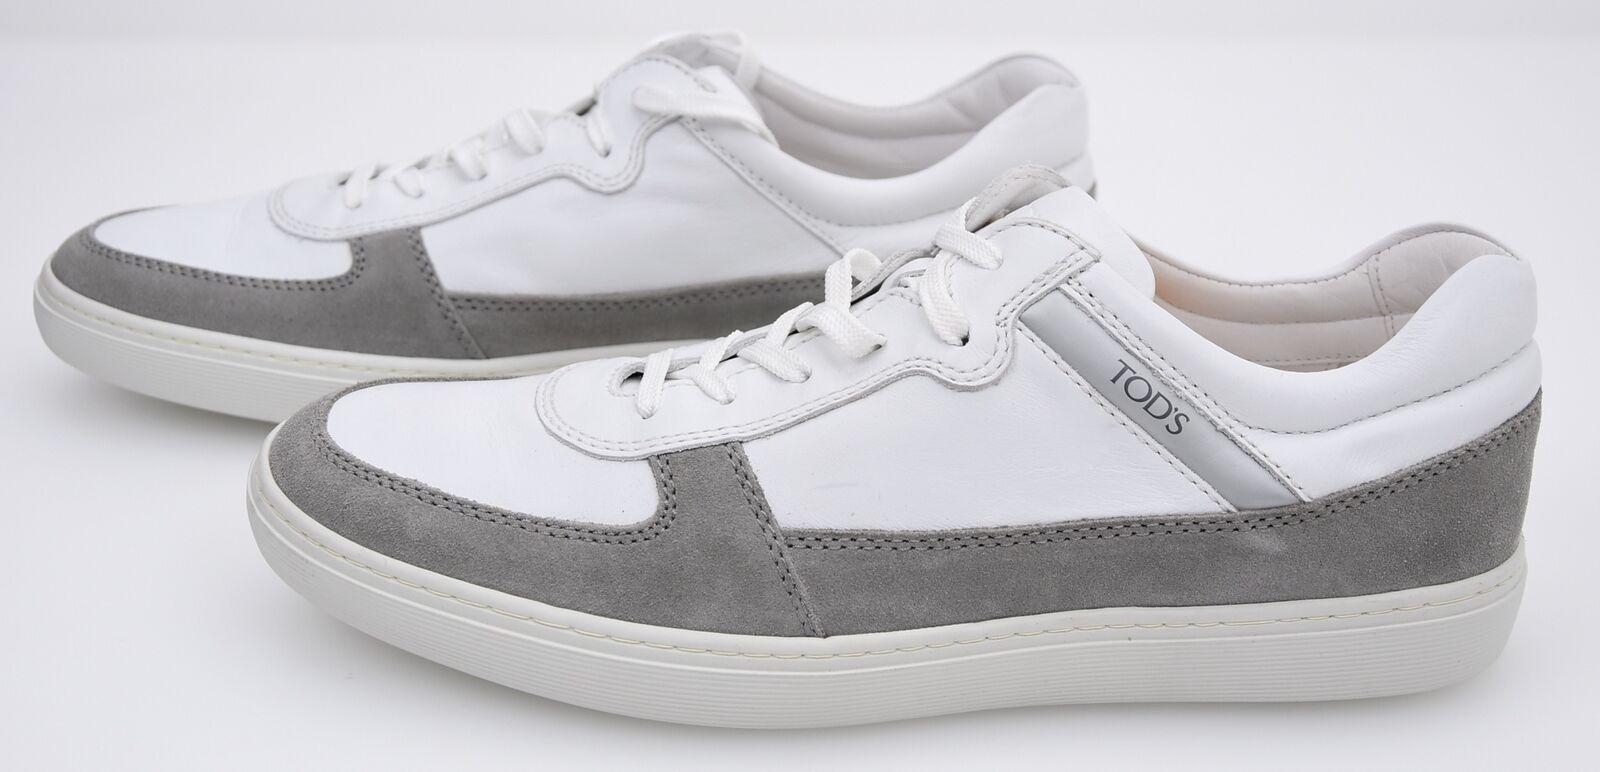 El Hombre Zapatillas Zapatos Casuales TOD código de tiempo libre XXM0JL0G4101003663